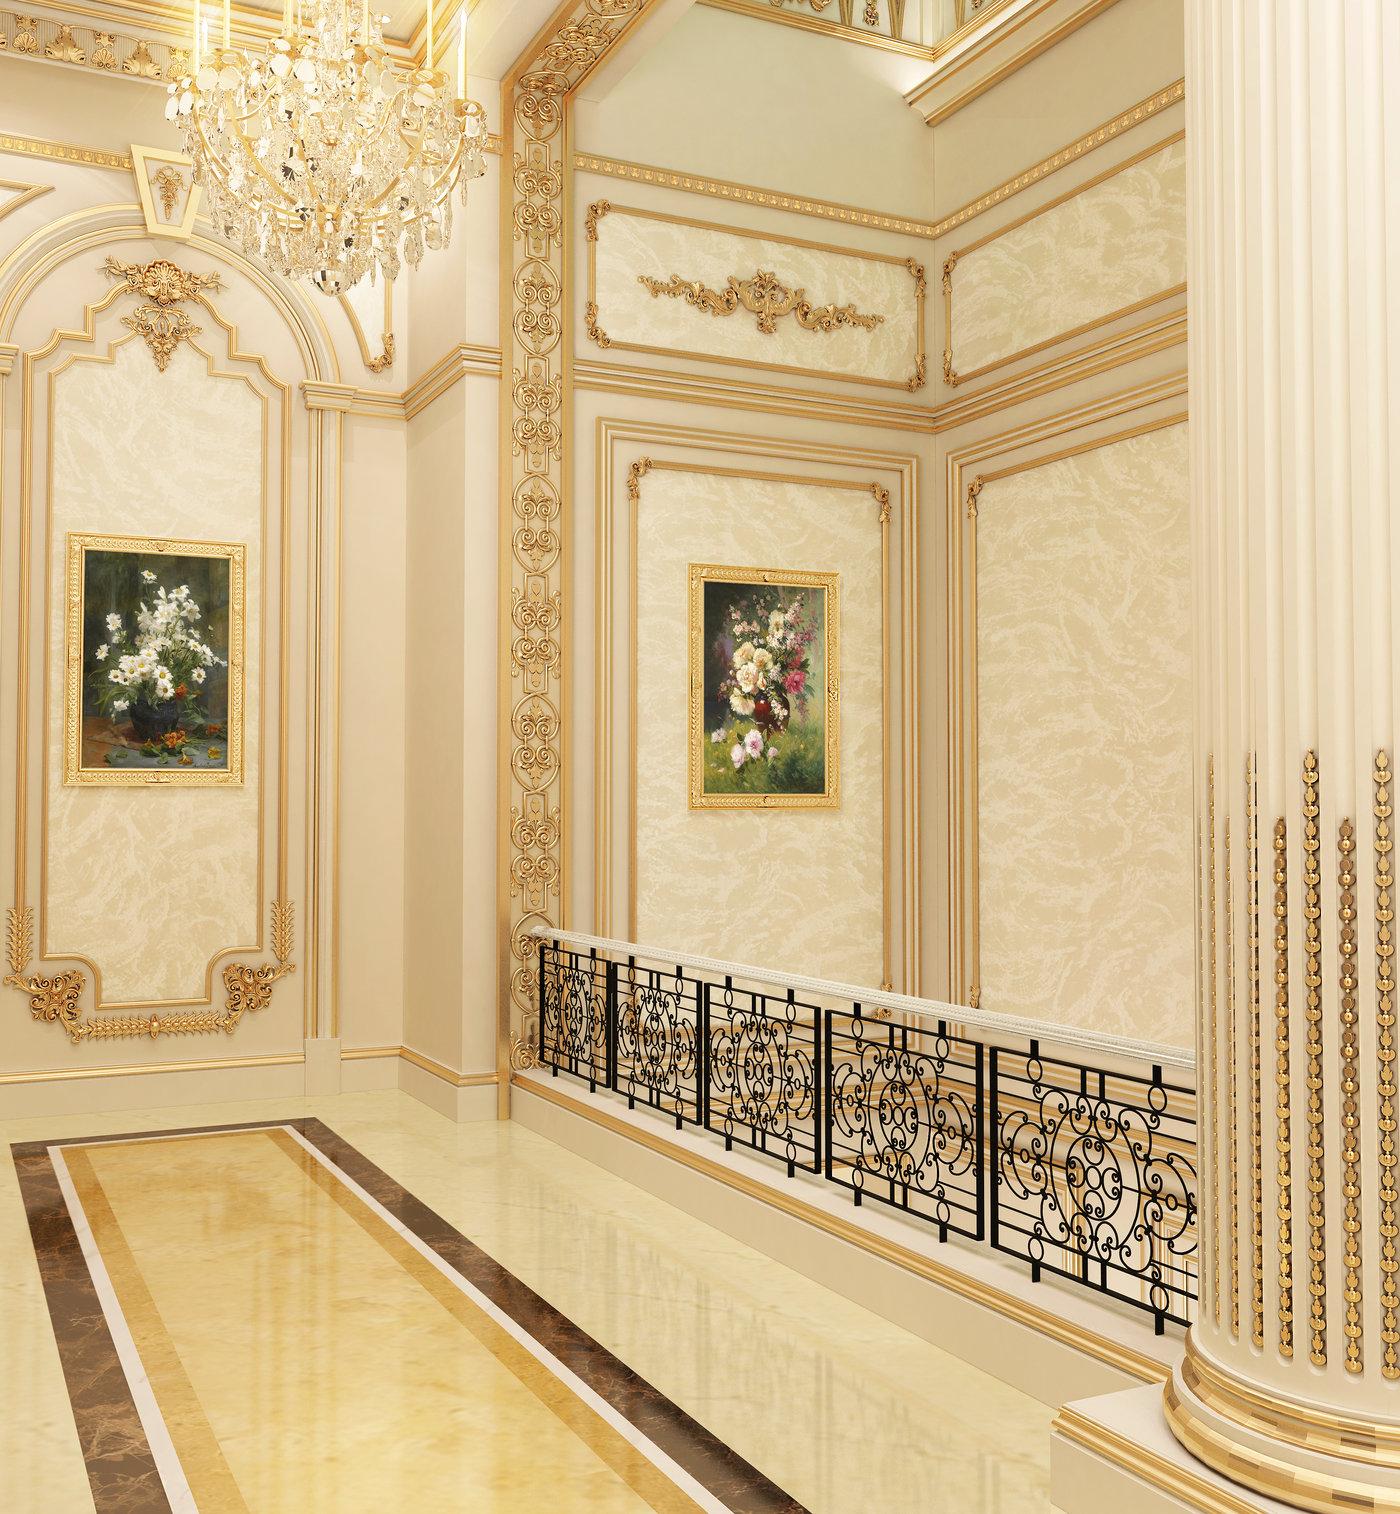 High End Interior Design Concepts